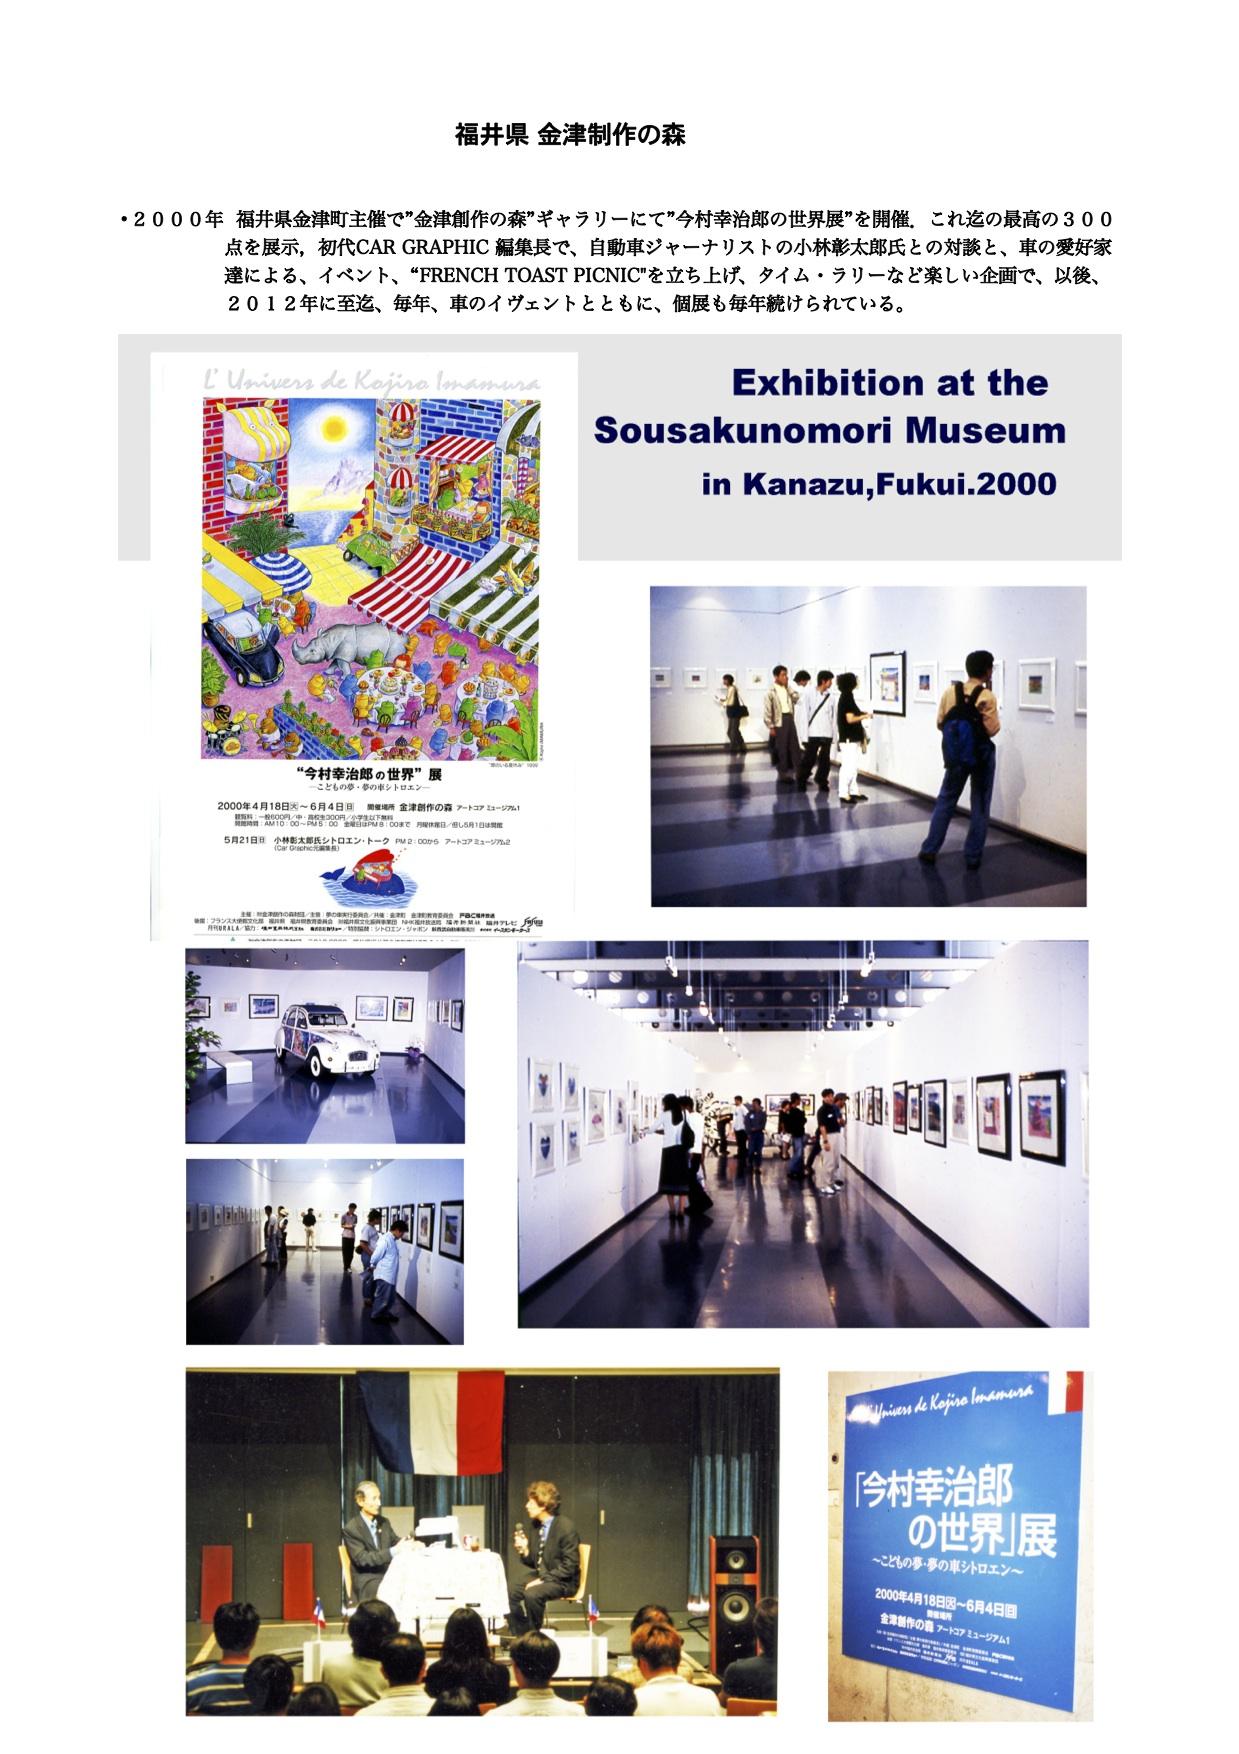 写真プロフィール2000年福井